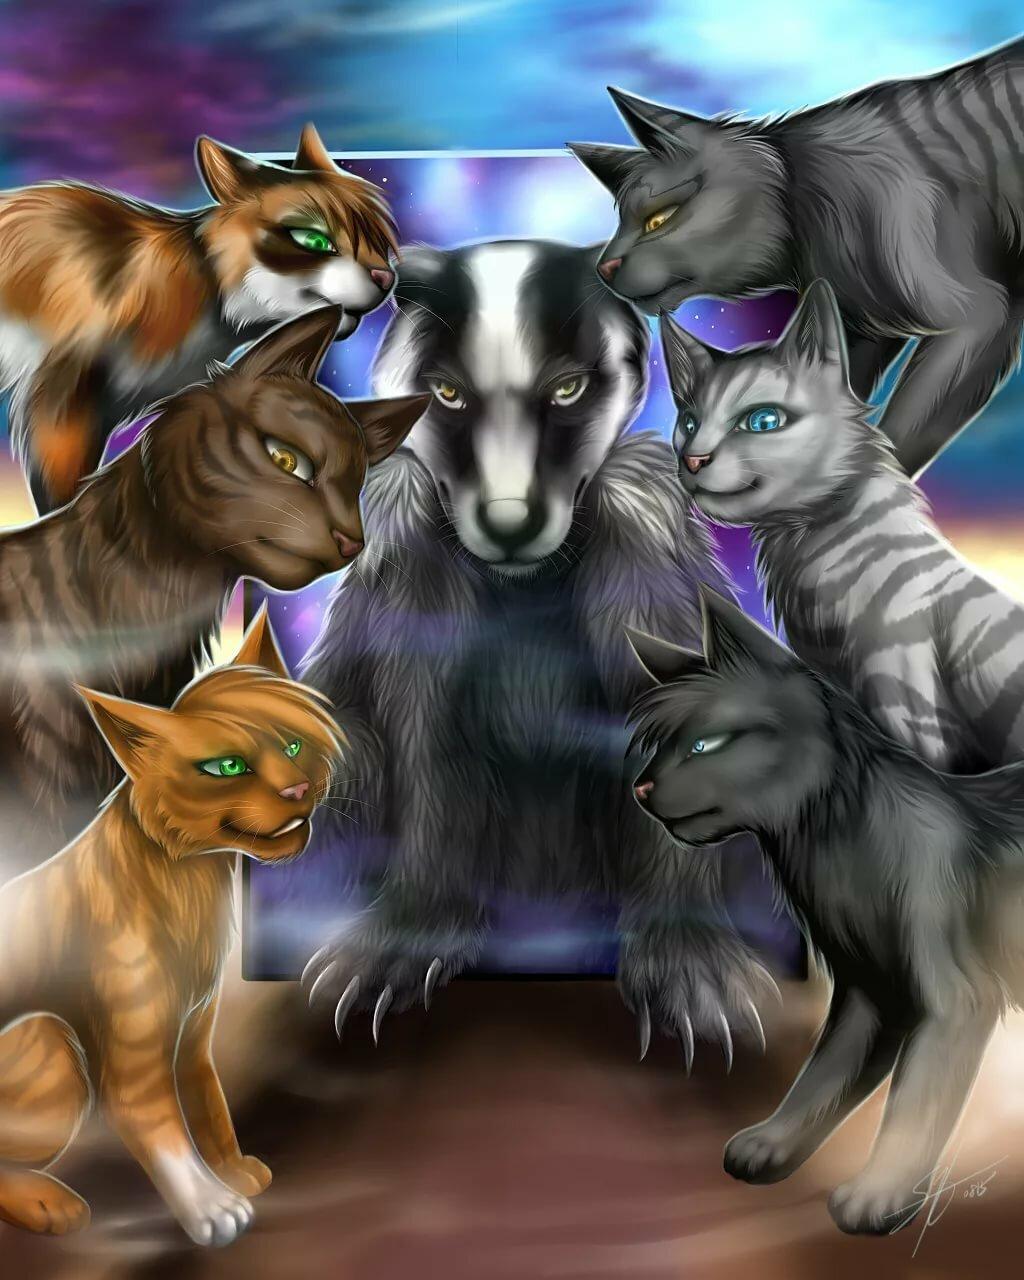 картинки с котами воителями племена материалы несут тепло